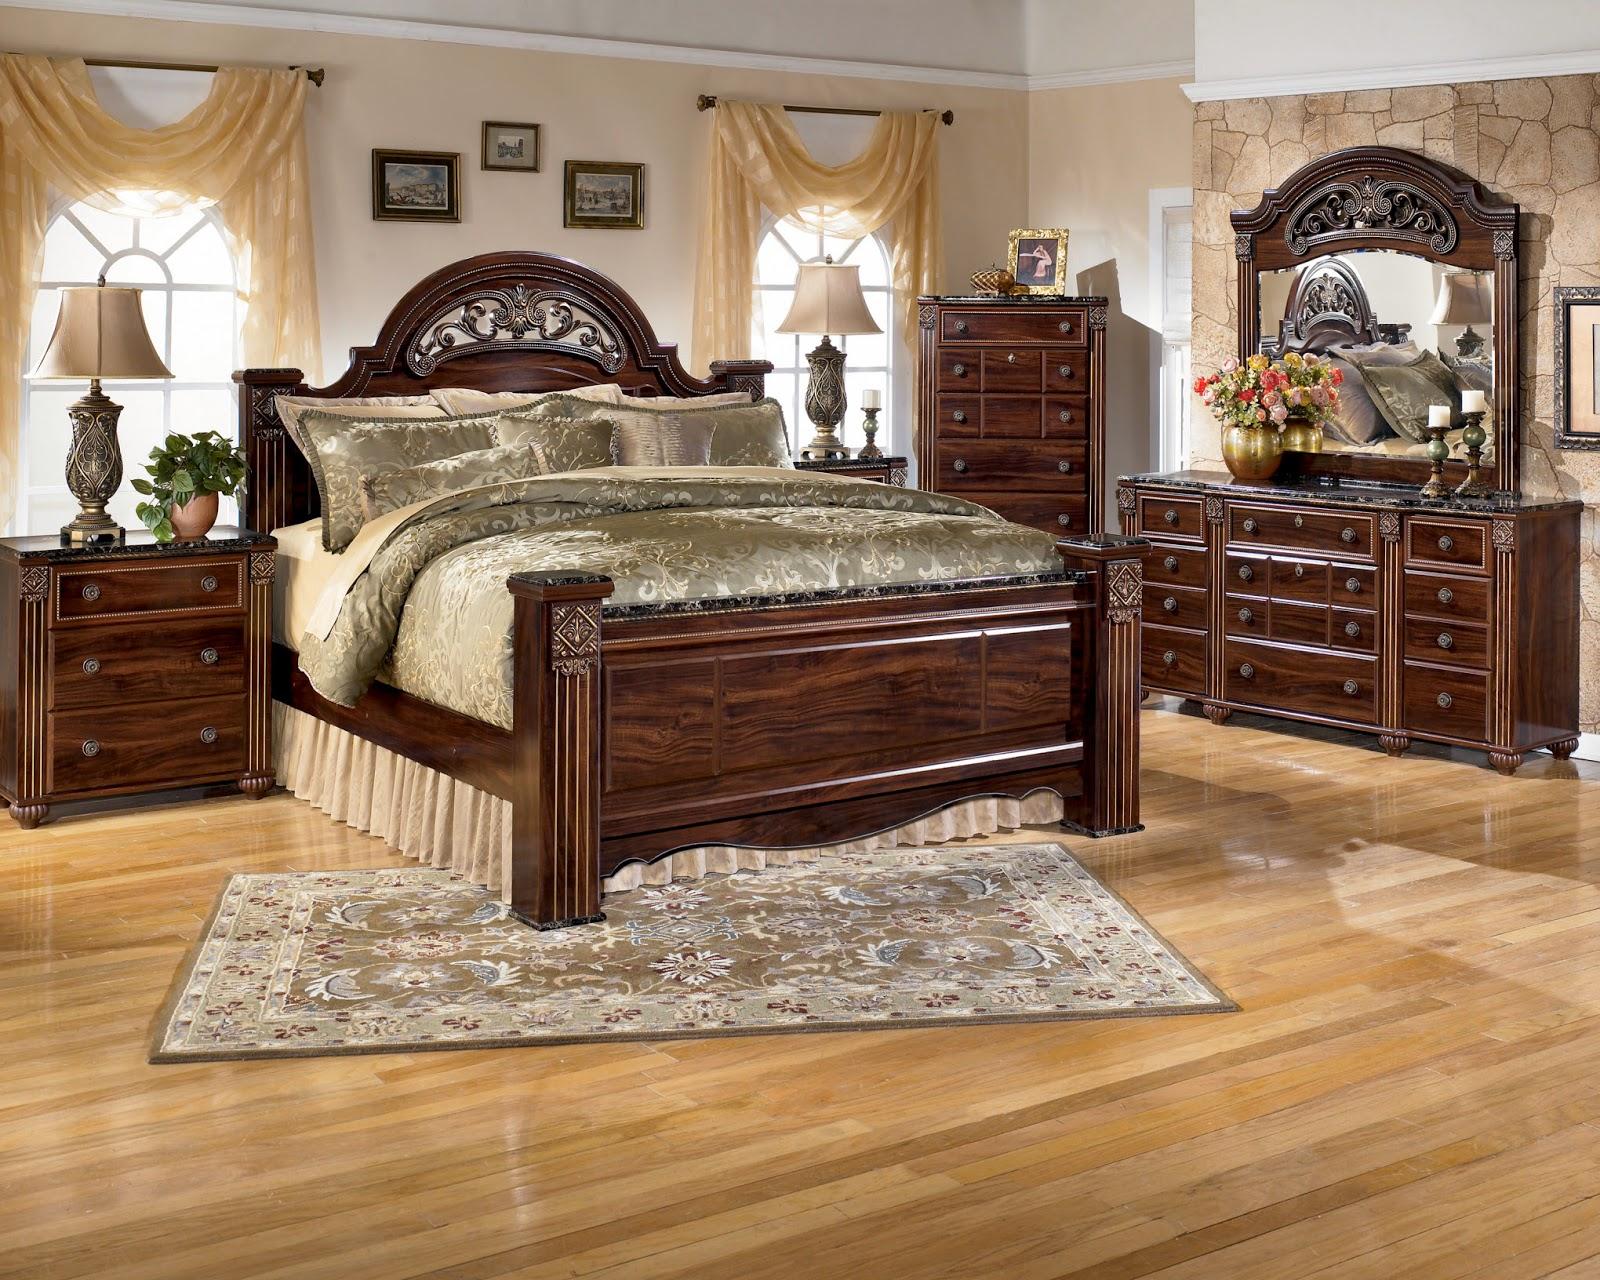 Ashley Furniture Bedroom Sets On Sale Popular Interior